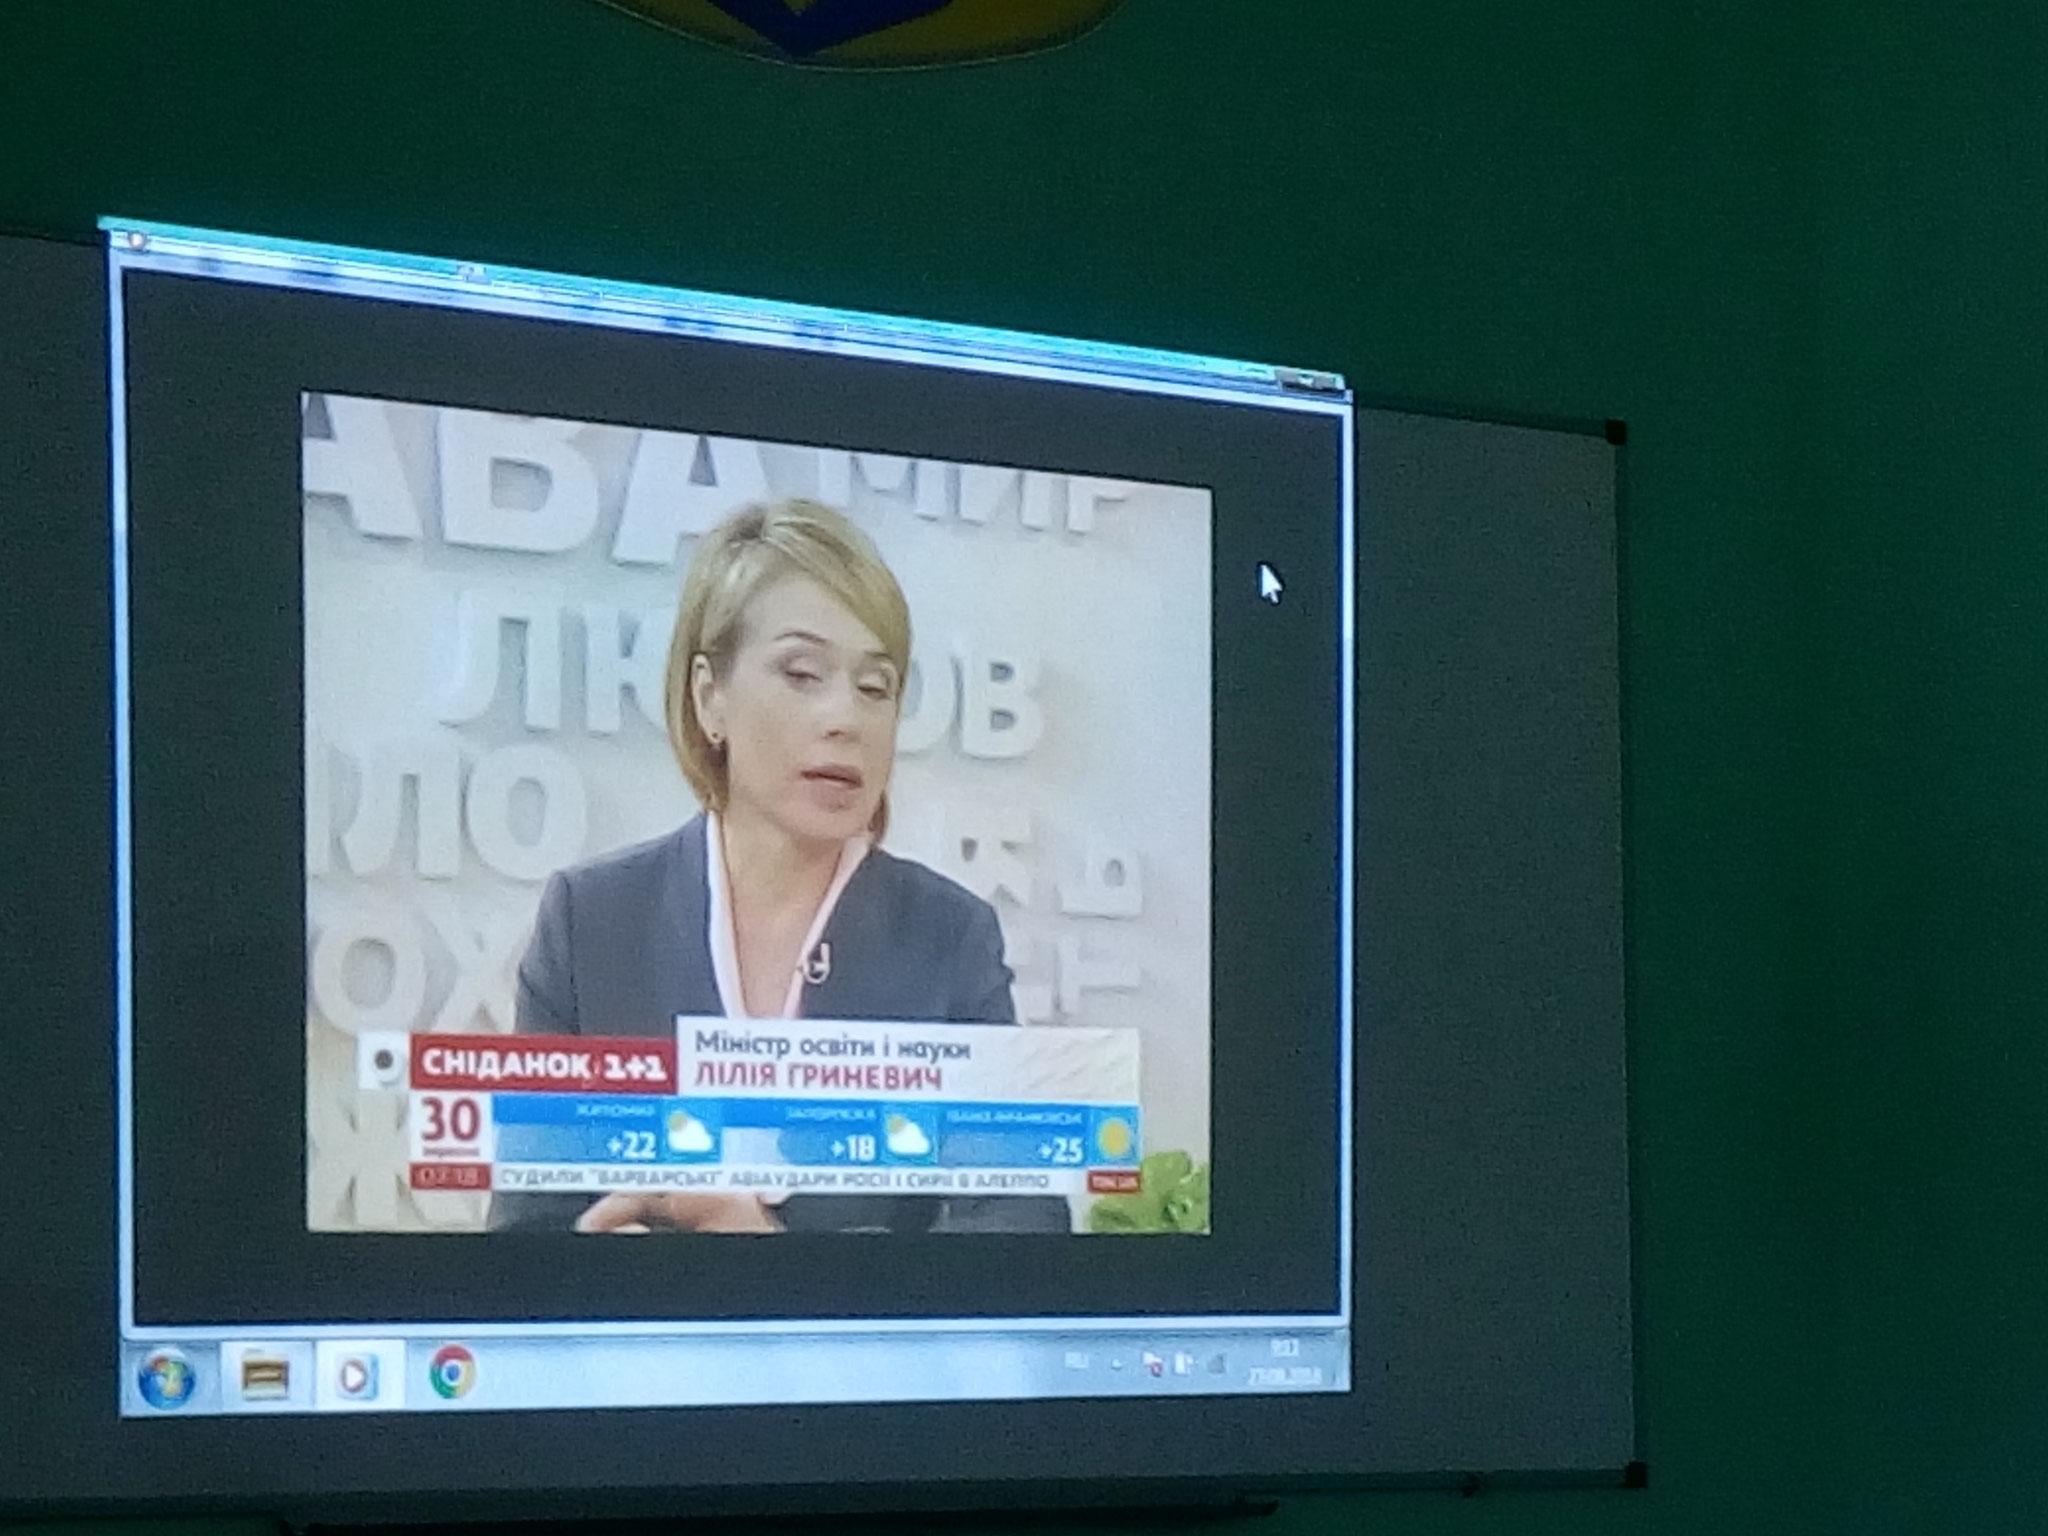 Слухаємо виступ міністра освіти і науки Л. Гриневич